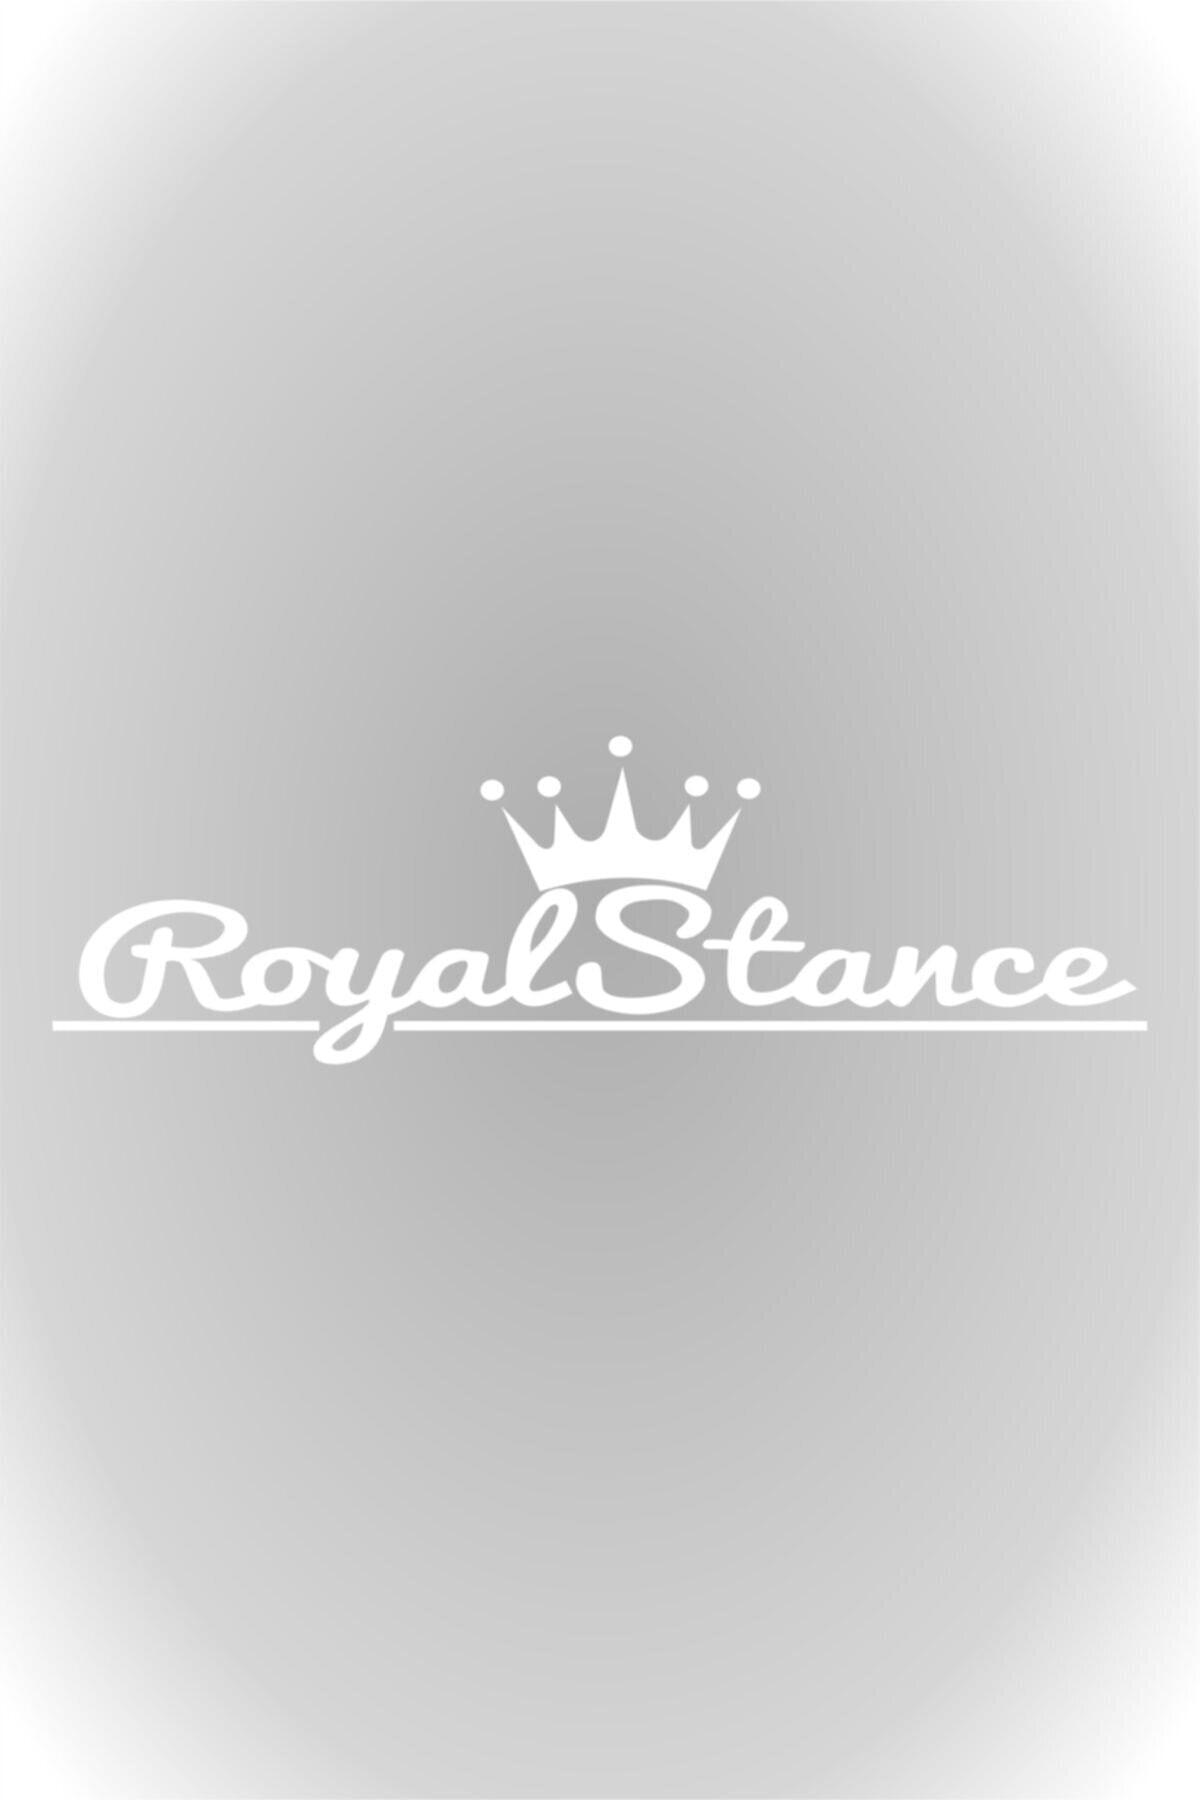 Quart Aksesuar 40 Cm Beyaz Royal Stance Oto Sticker, Araba Sticker 1